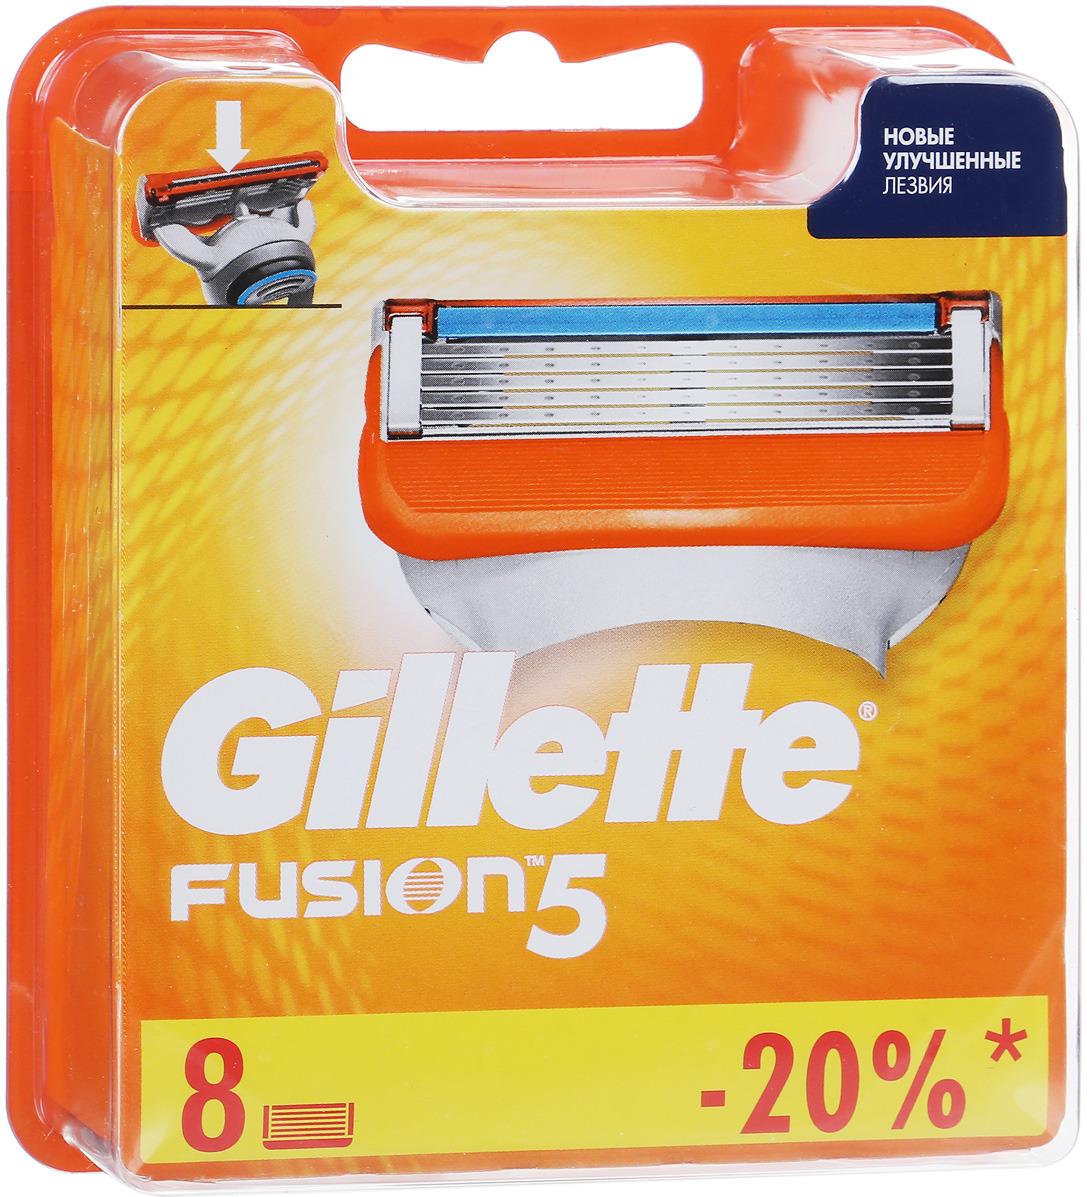 Сменные Кассеты Gillette Fusion5 Для Мужской Бритвы, 8 шт